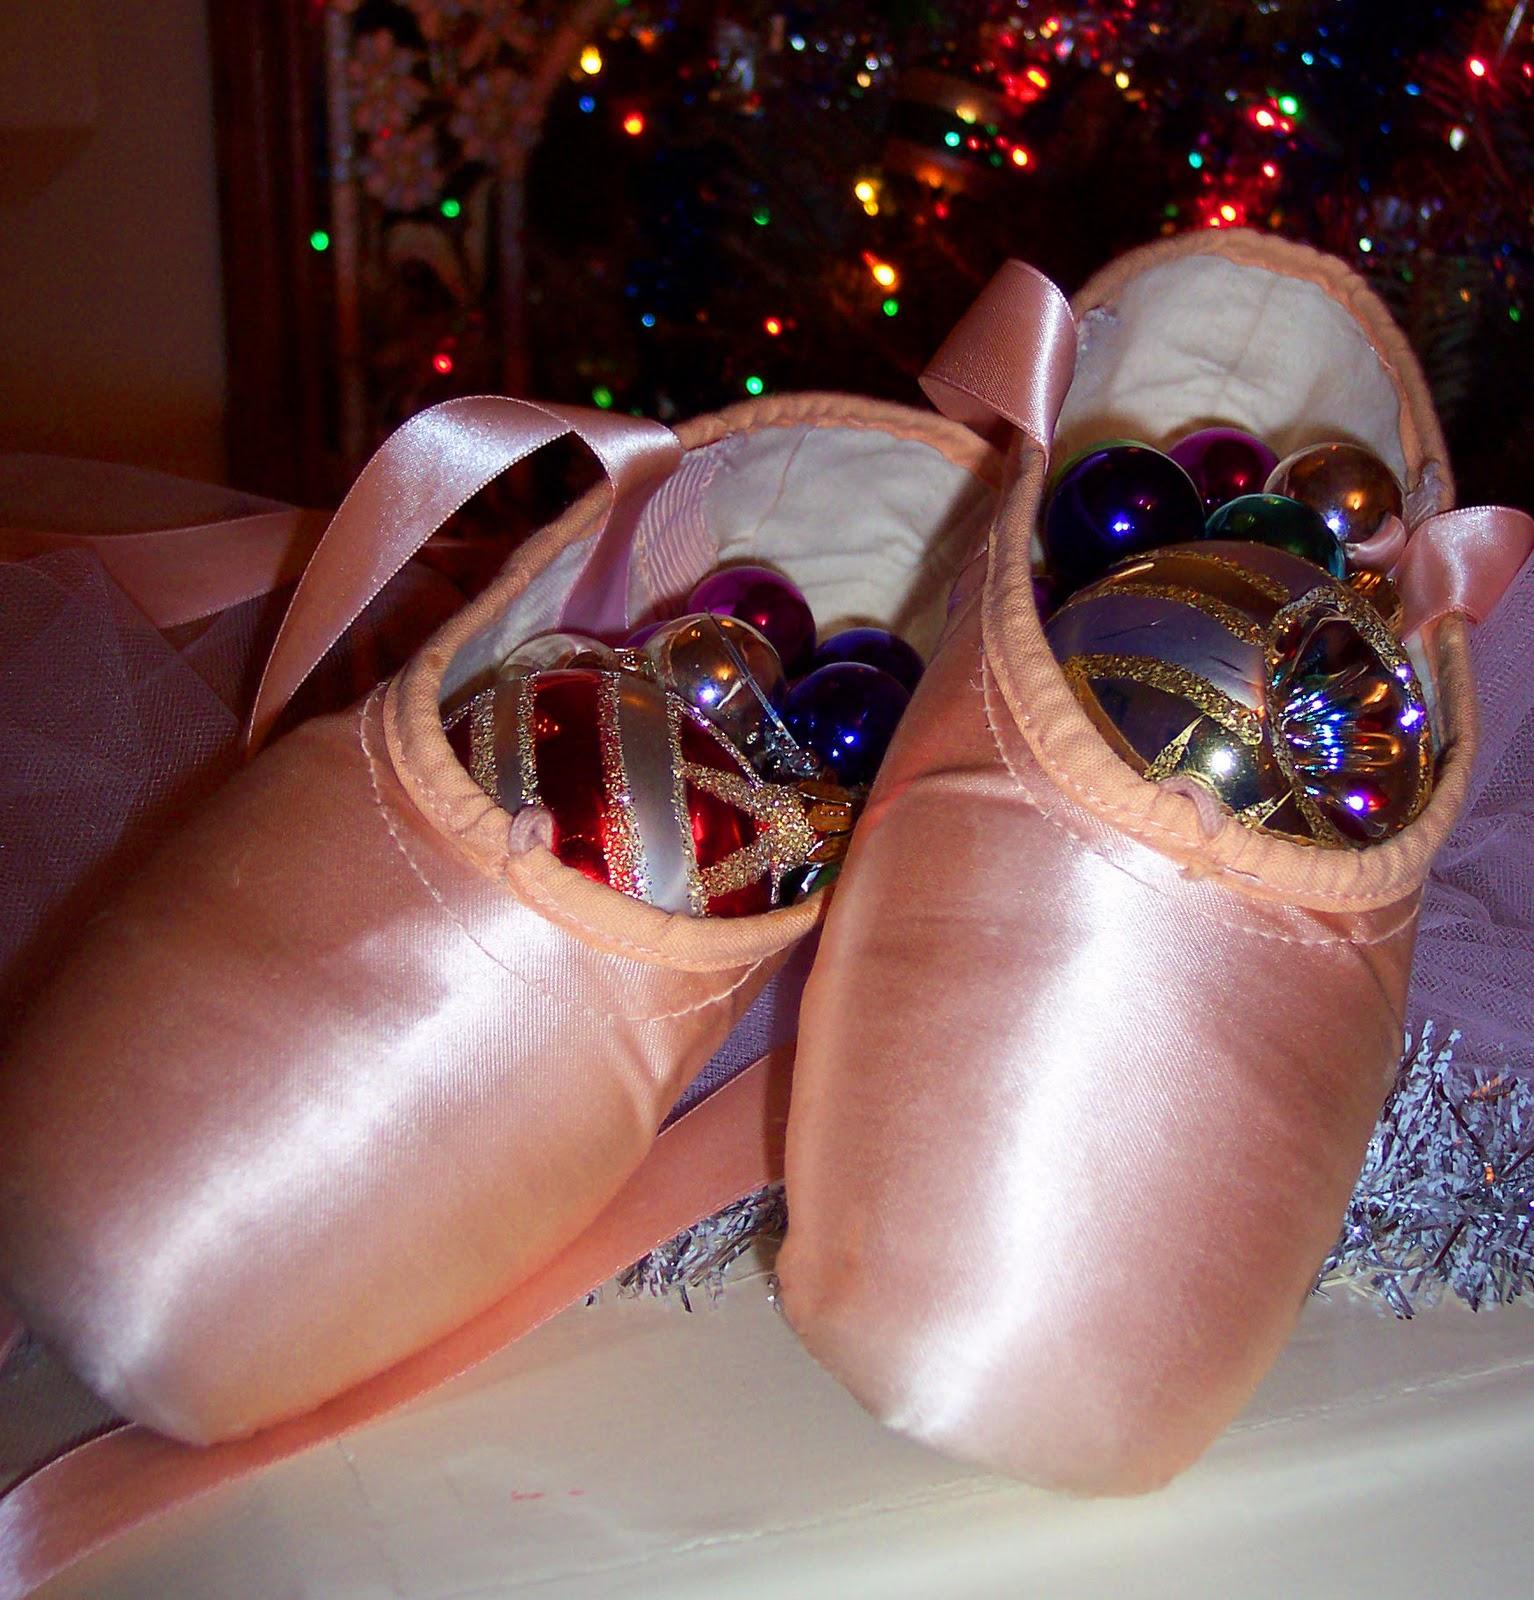 http://3.bp.blogspot.com/_NubYojN1JwM/TStmL_wuKNI/AAAAAAAACYM/hg5GiaokloM/s1600/Free+Ballet+Pointe+Shoe+Wallpaper+3+1-10-11.jpg